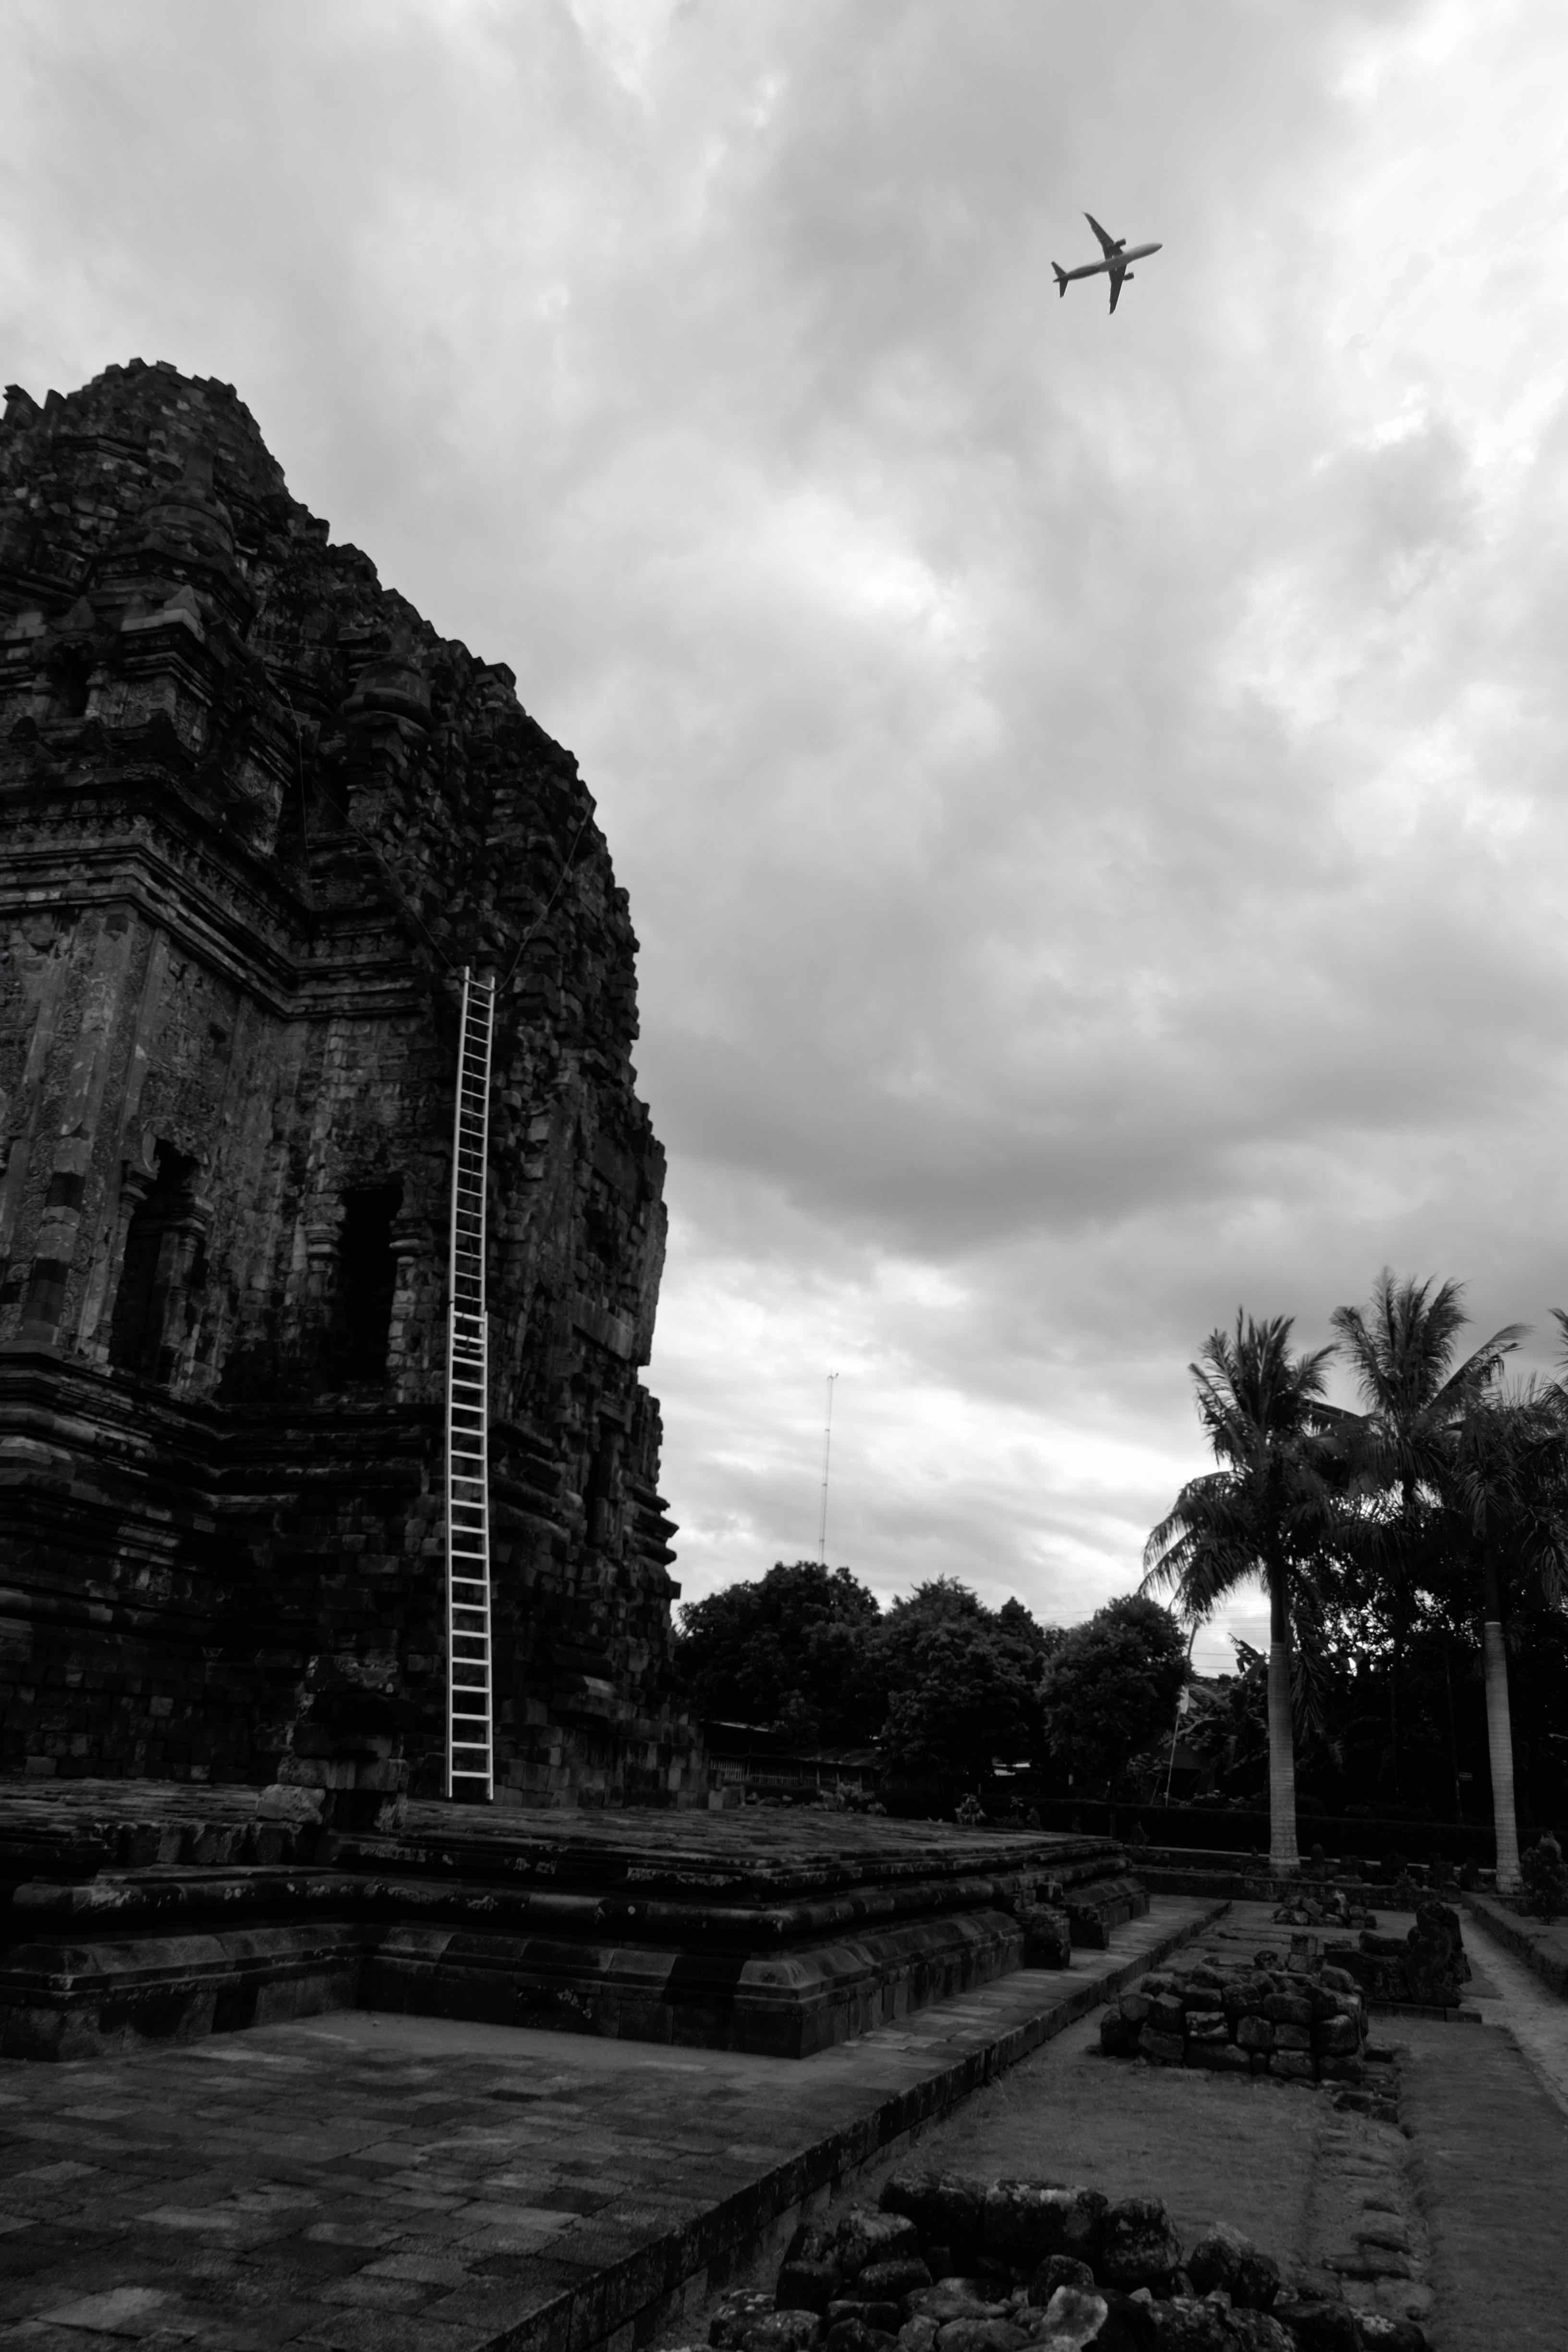 Fotó: Bartis Attila: Repülőgép és létra, Yogyakarta, Jáva, 2016